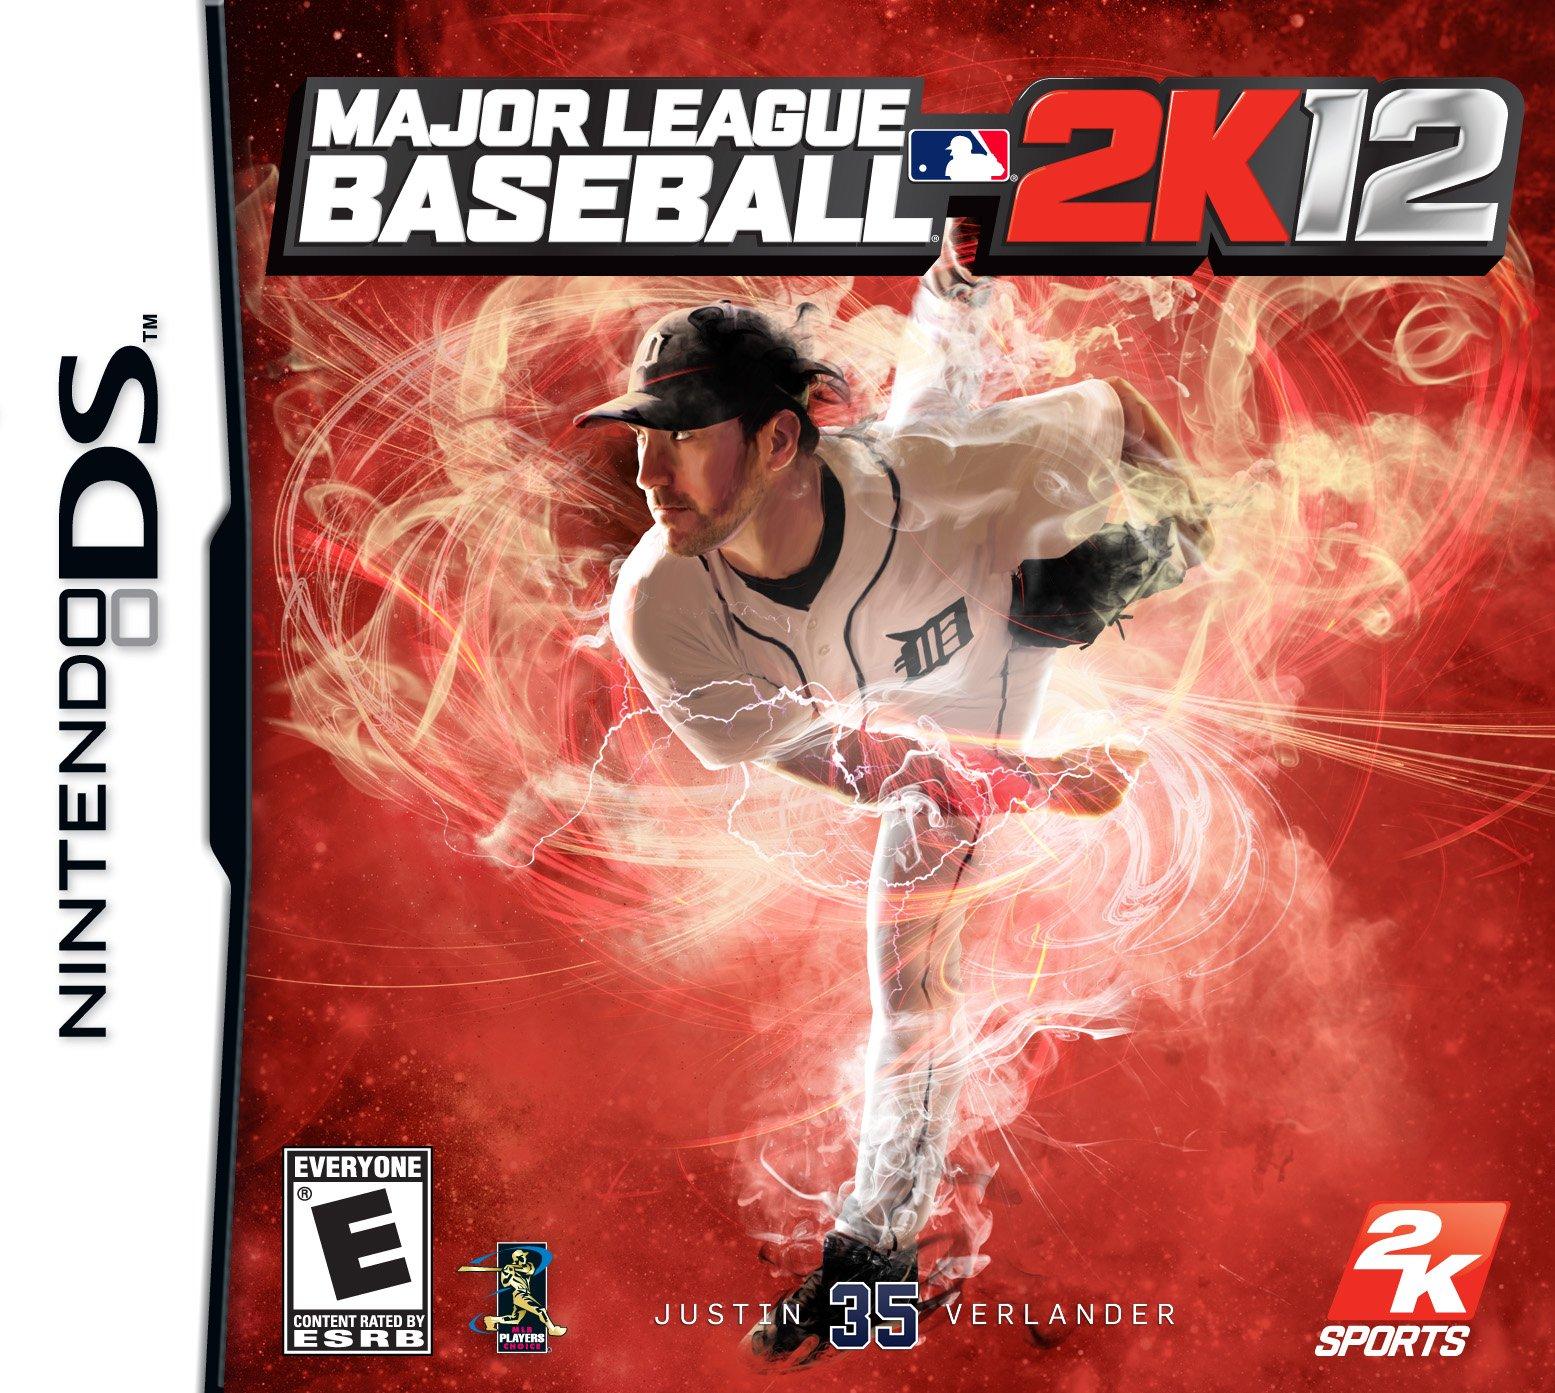 Major League Baseball 2K12 - Nintendo DS